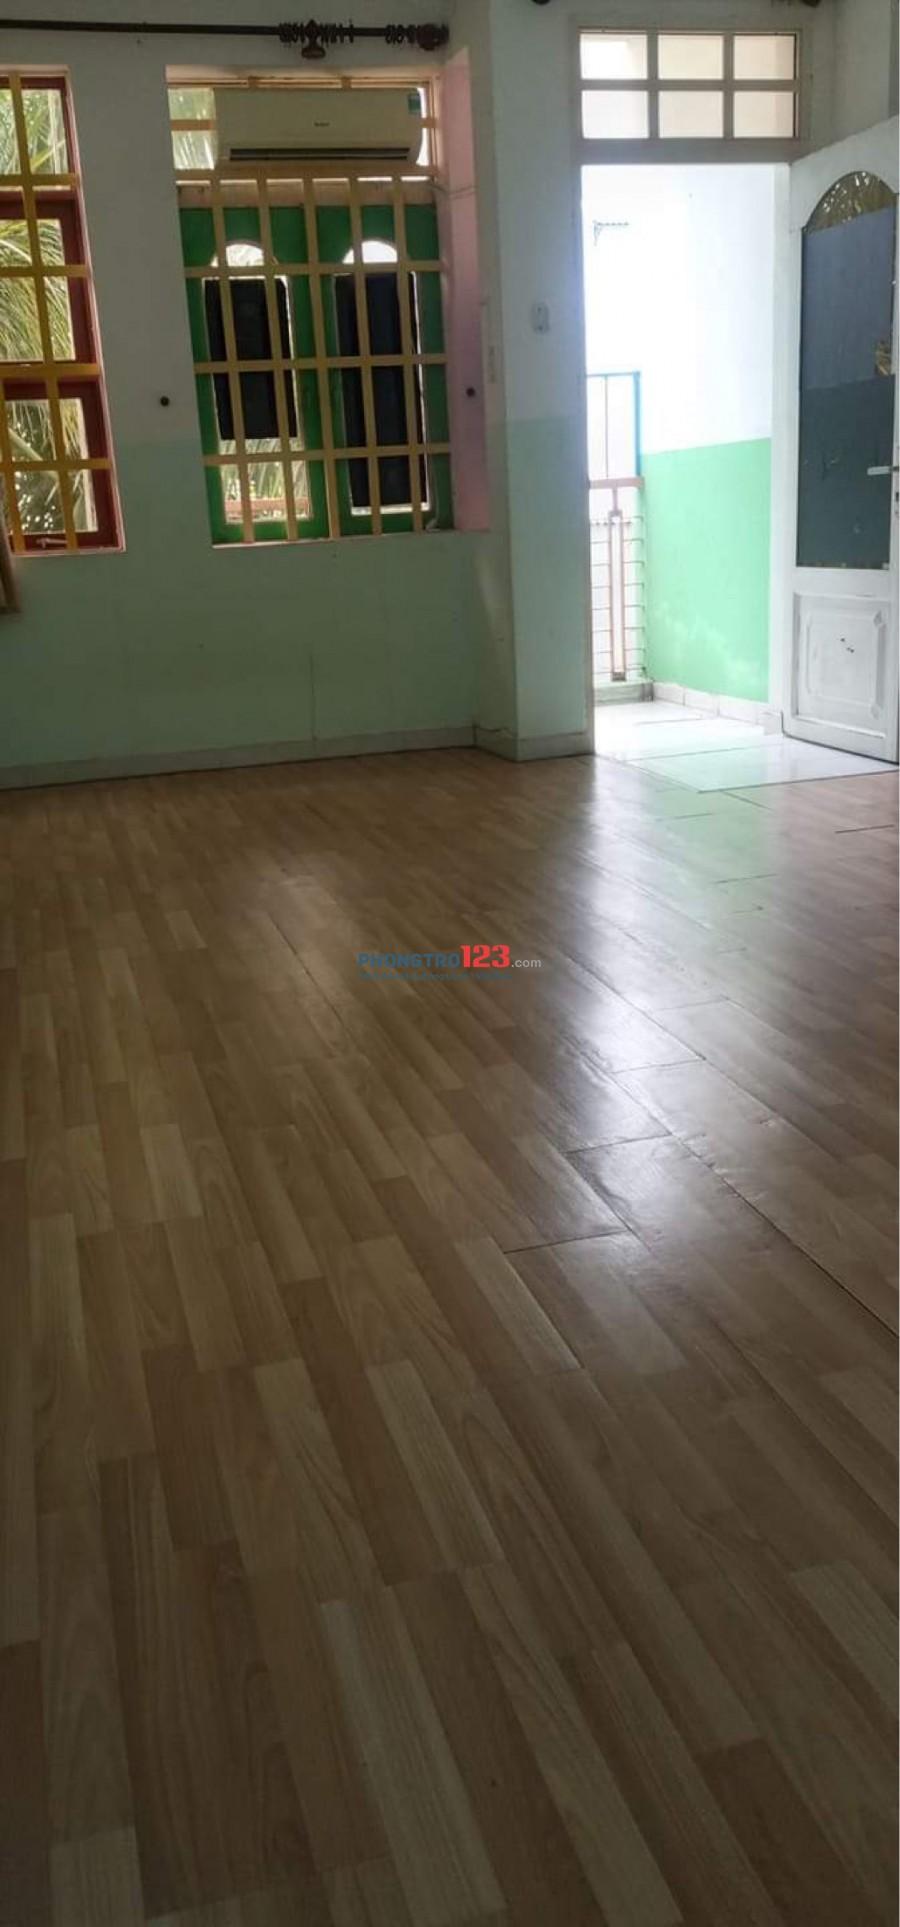 Phòng trọ cho thuê sạch sẽ, thoáng, sáng tại phường Phú Mỹ, Quận 7 giá rẻ